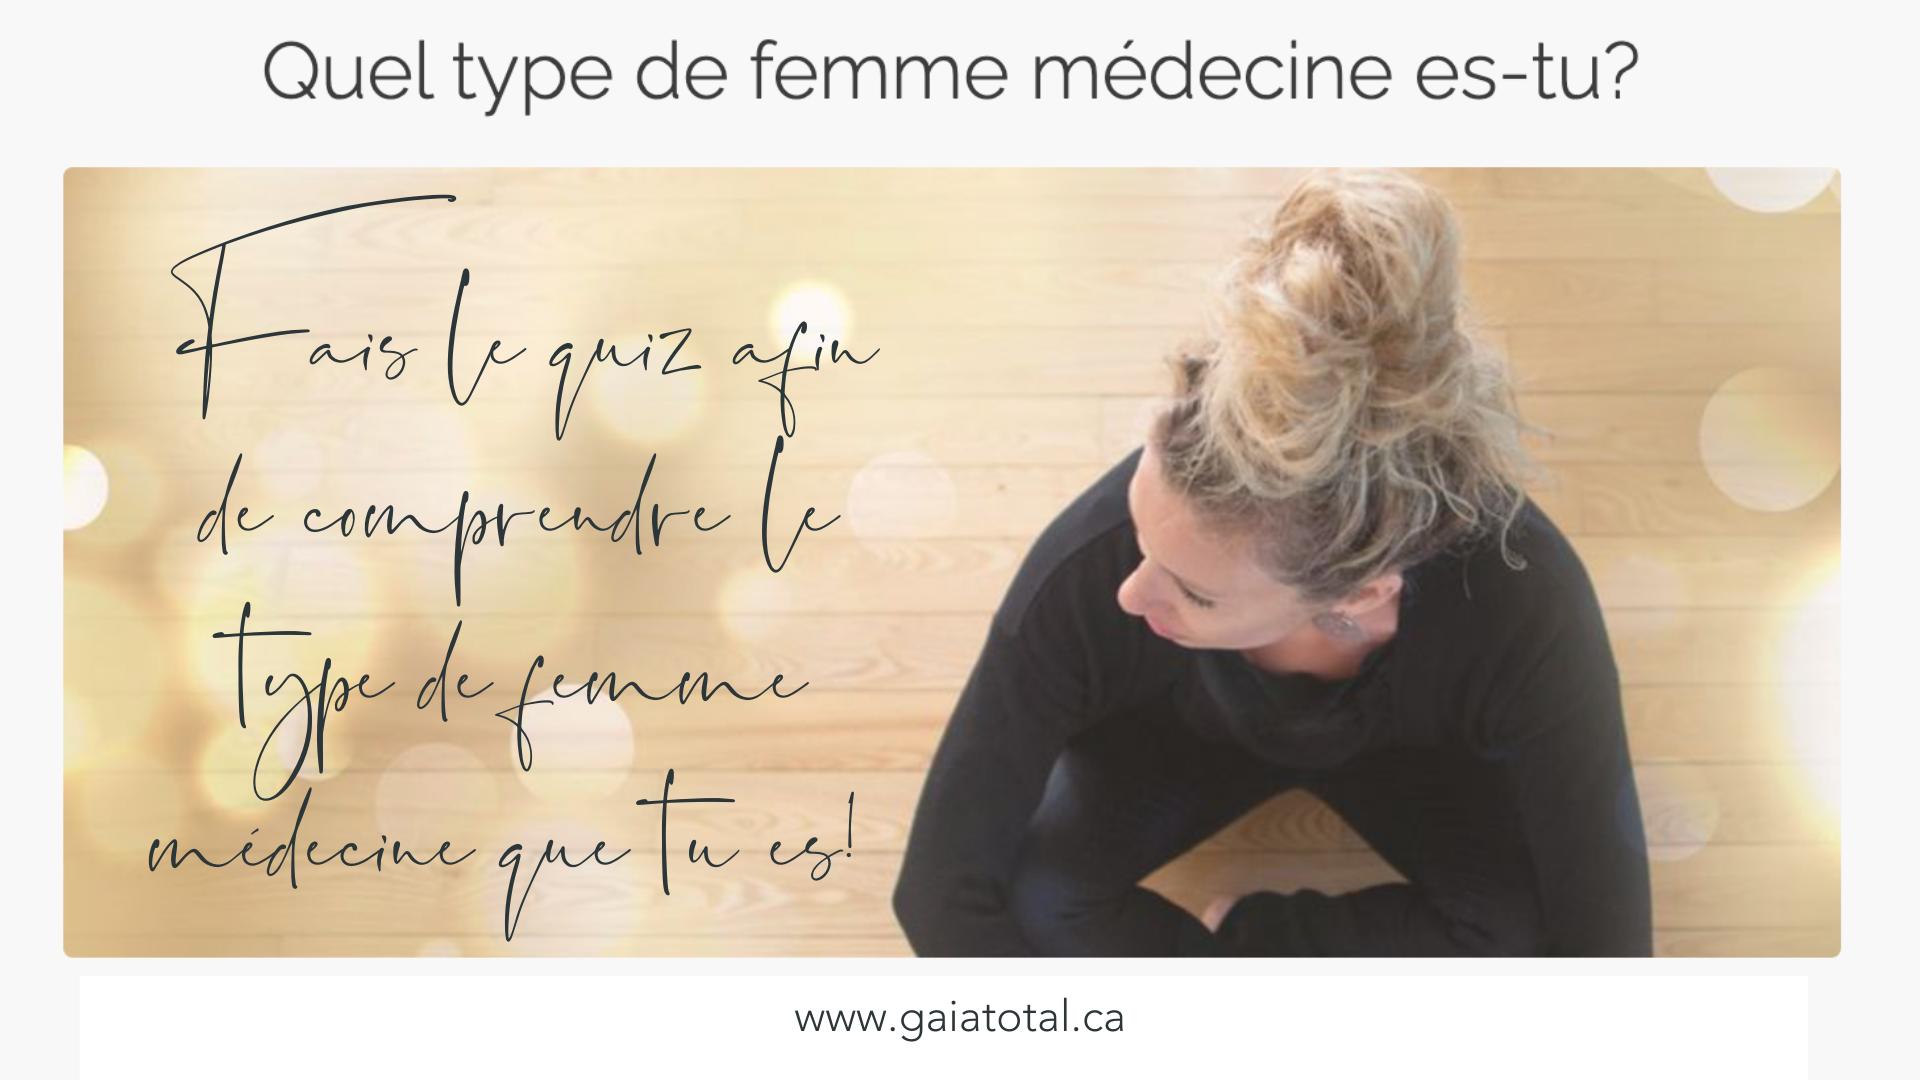 gaia_total_entrepreneure_spirituelle_quiz_femme_medecine